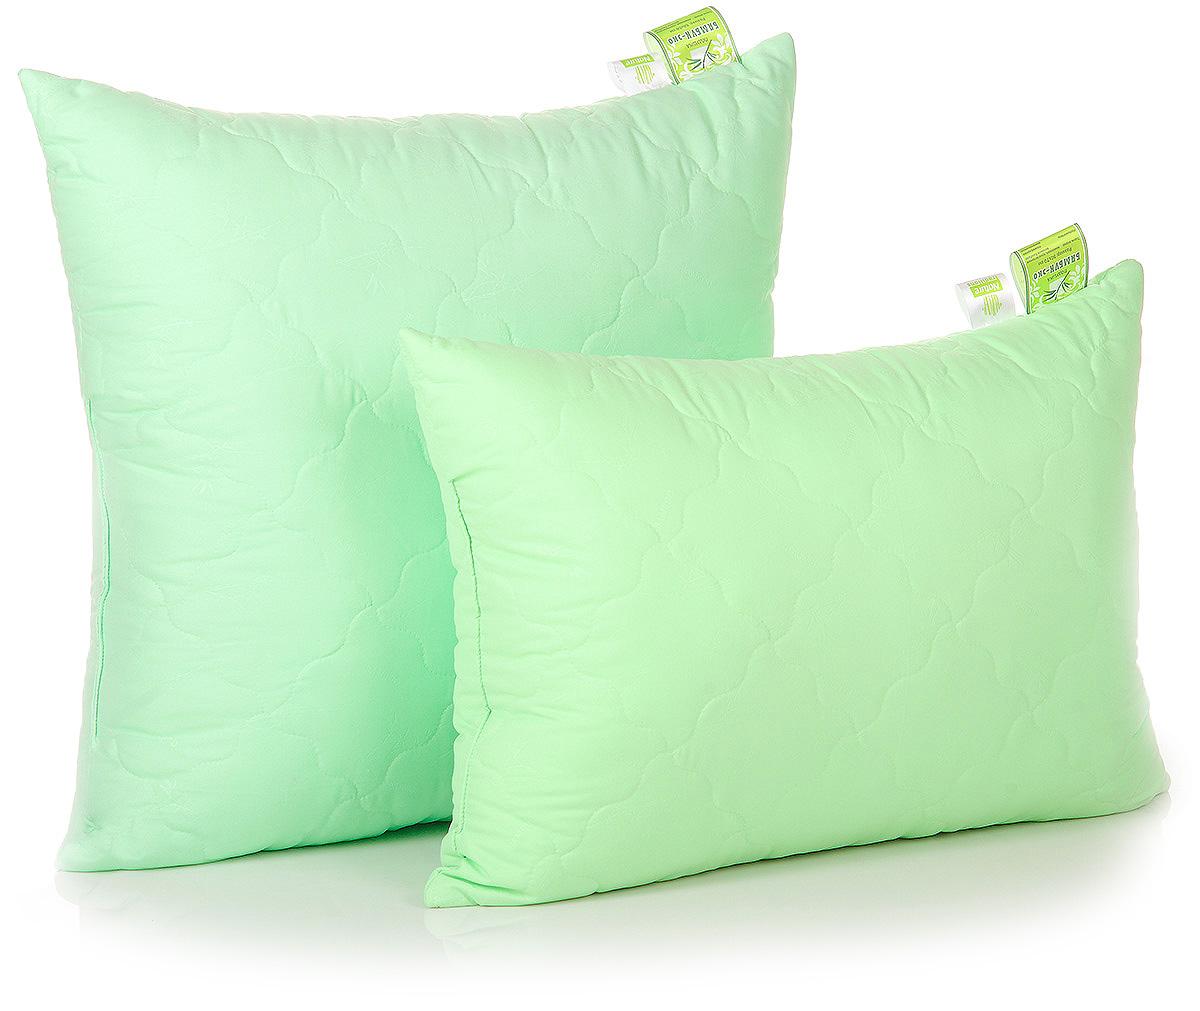 """Коллекция """"Бамбук-Эко"""" — облегченный вариант изделий с наполнителем из бамбукового волокна: одеяло, стеганое фантазийными узорами стежки, идеально подходит для летнего сезона, а использование современных синтетических тканей повышает износостойкость изделий."""